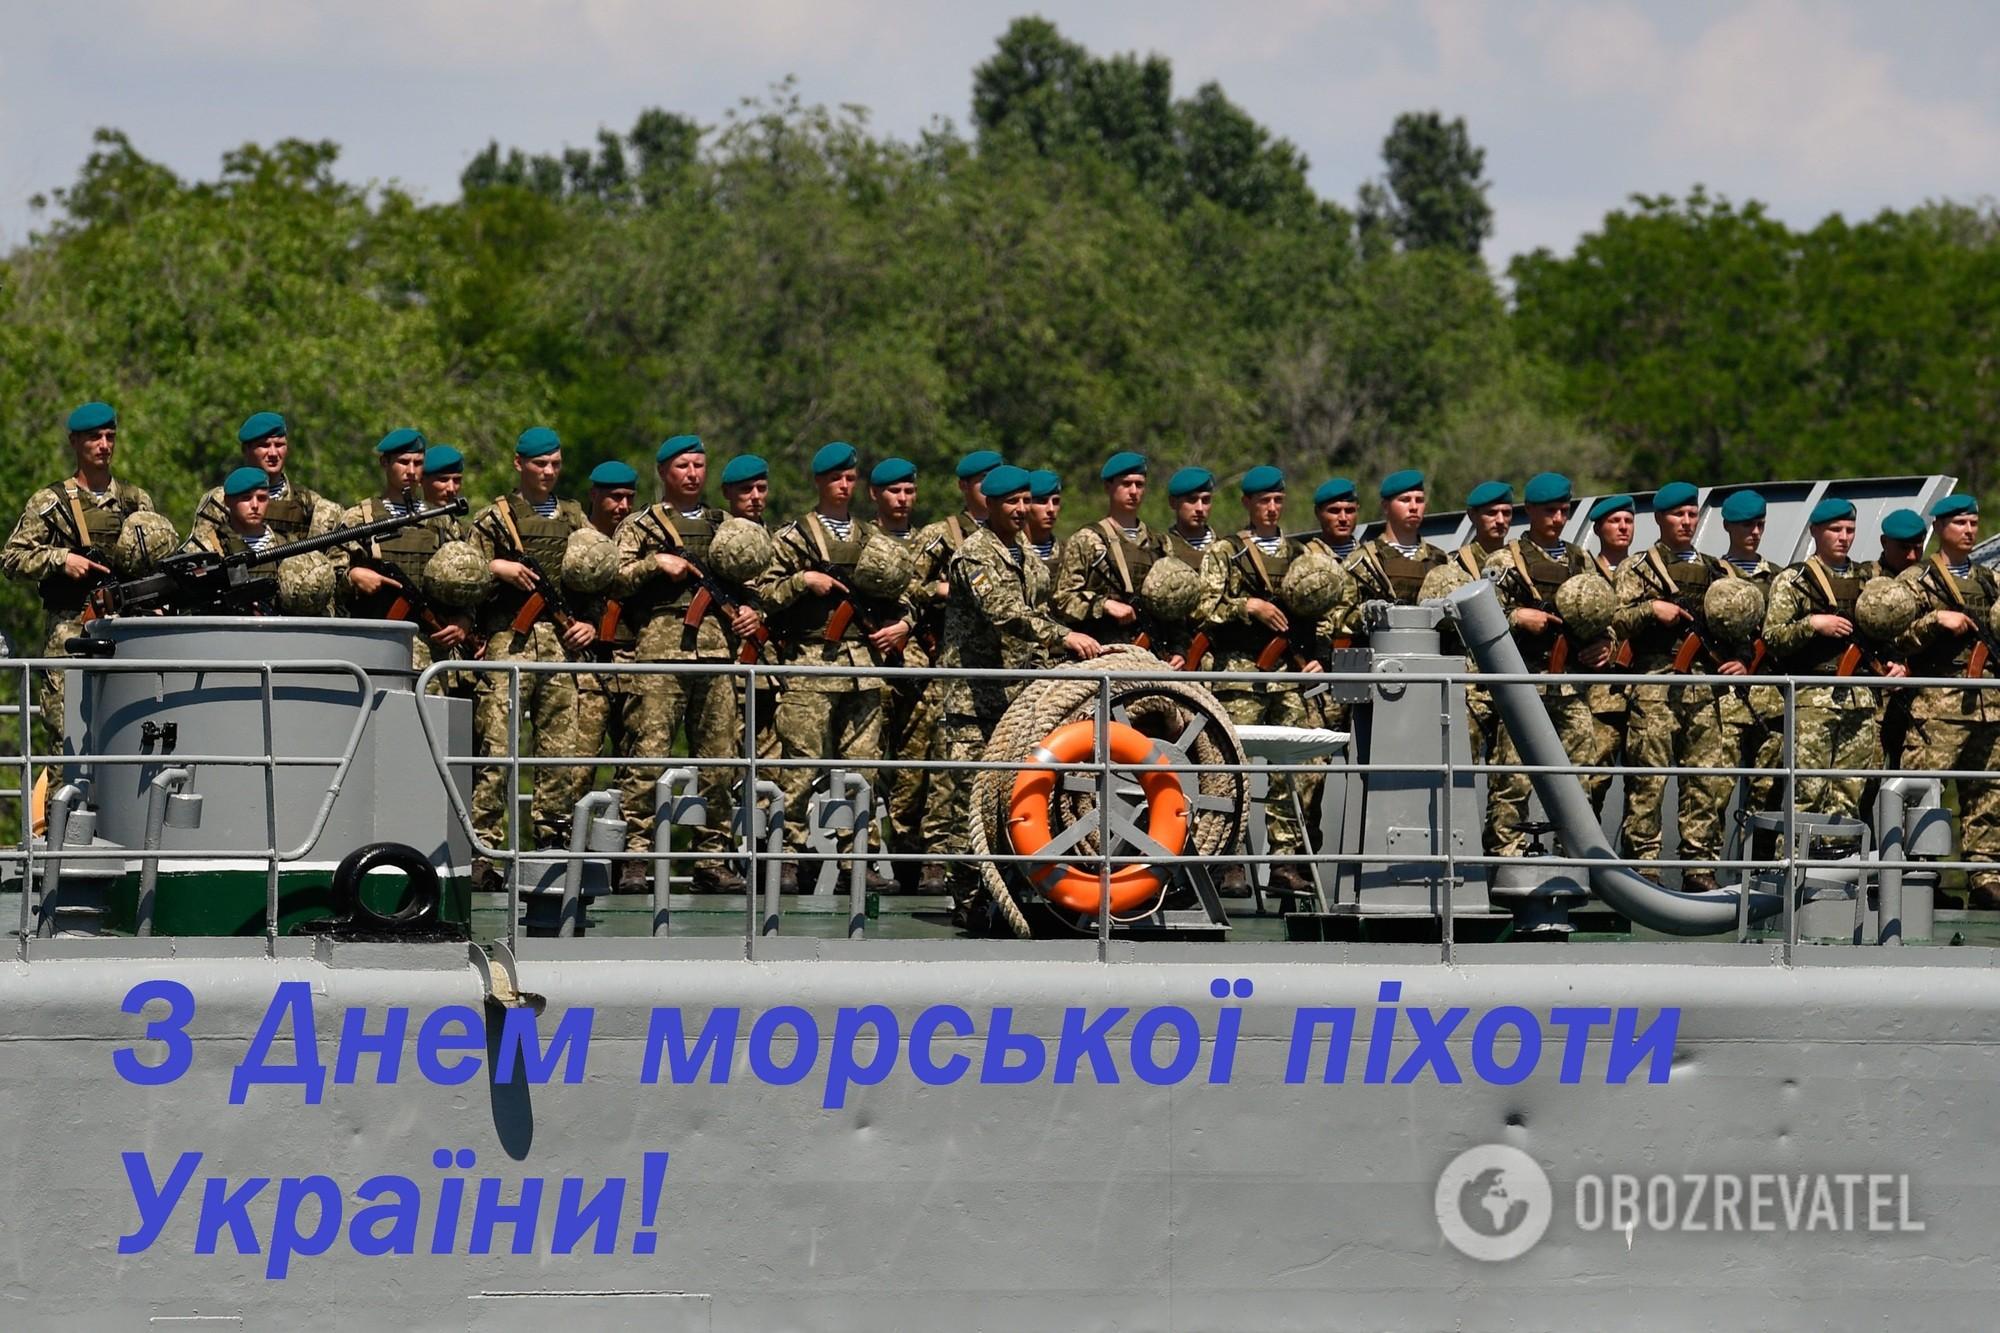 Привітання з Днем морської піхоти України